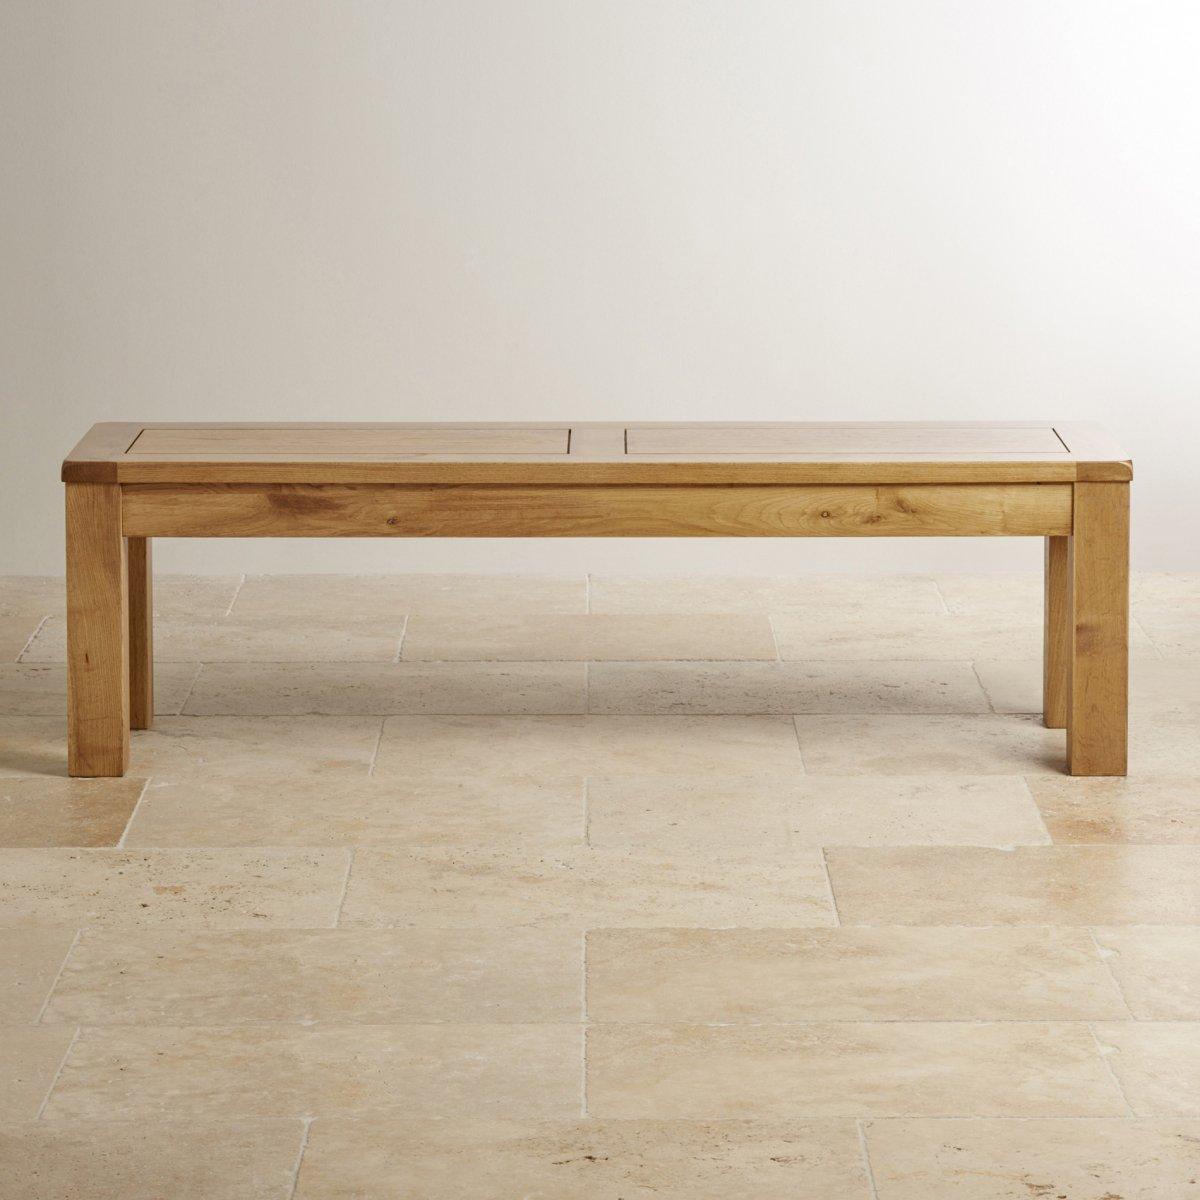 Solid oak large bench oak furniture land for Furniture land